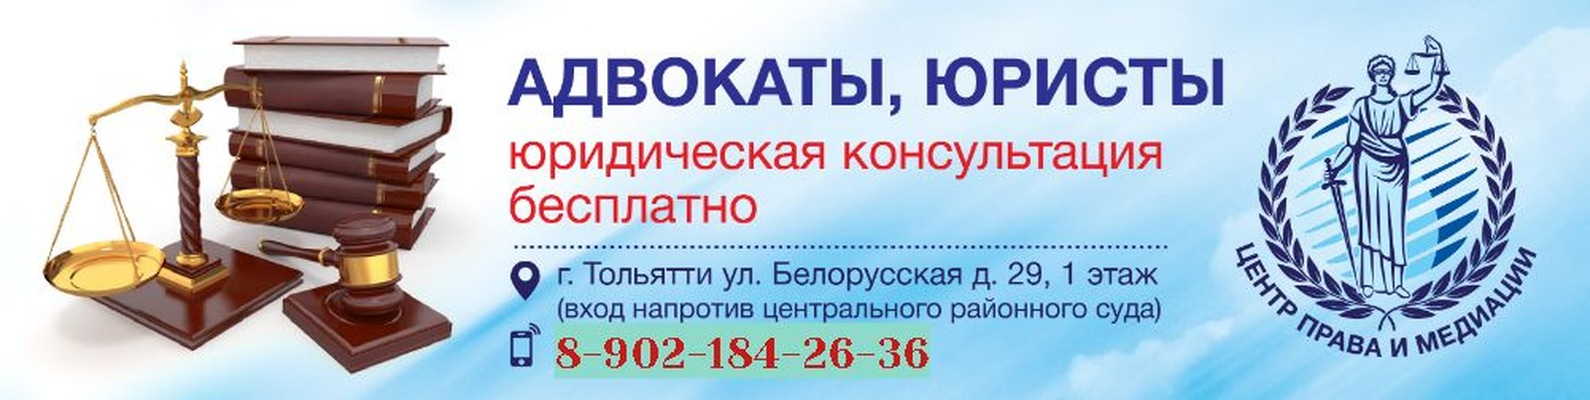 бесплатный юрист тольятти